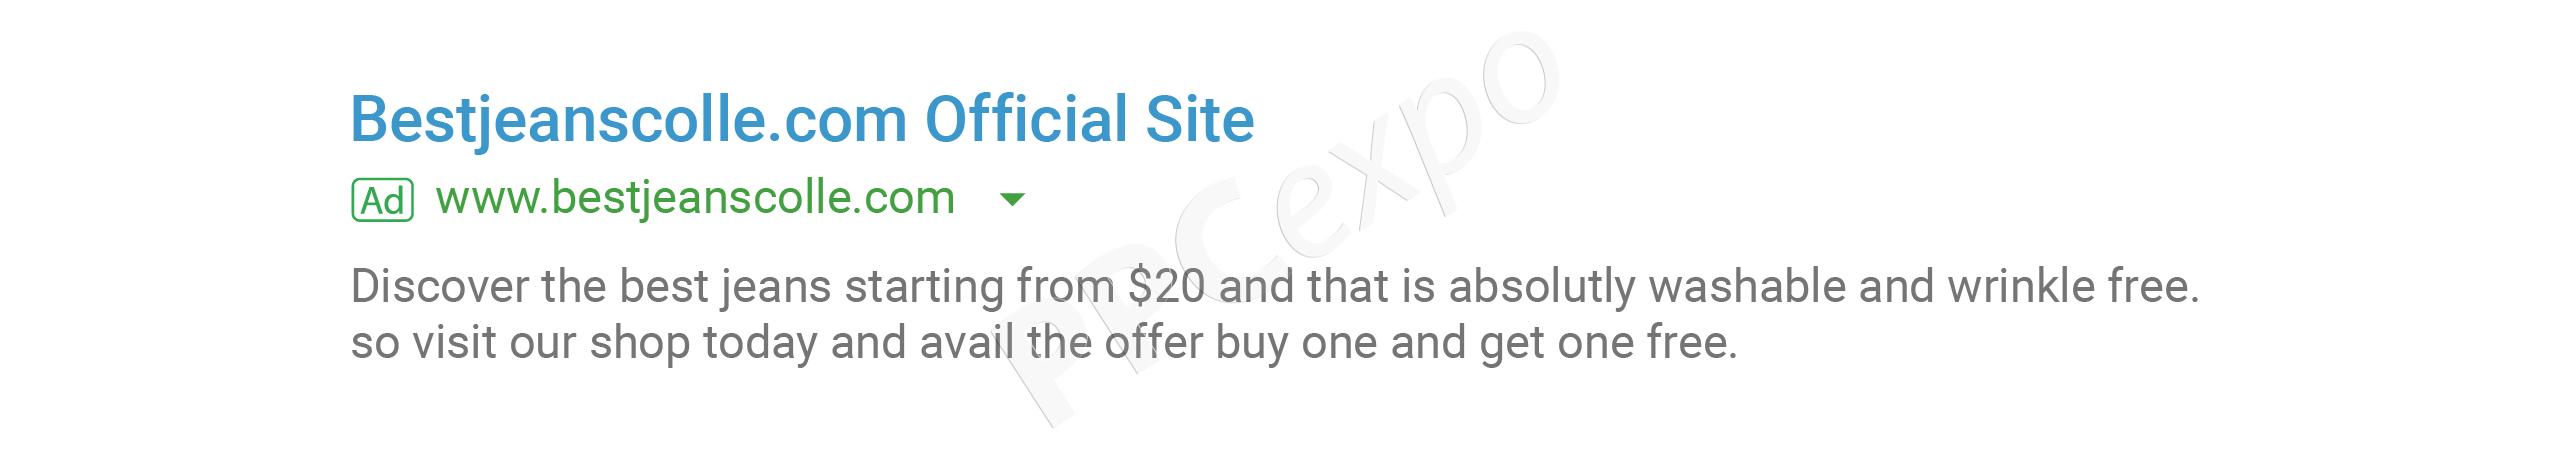 sử dụng liên kết trang web